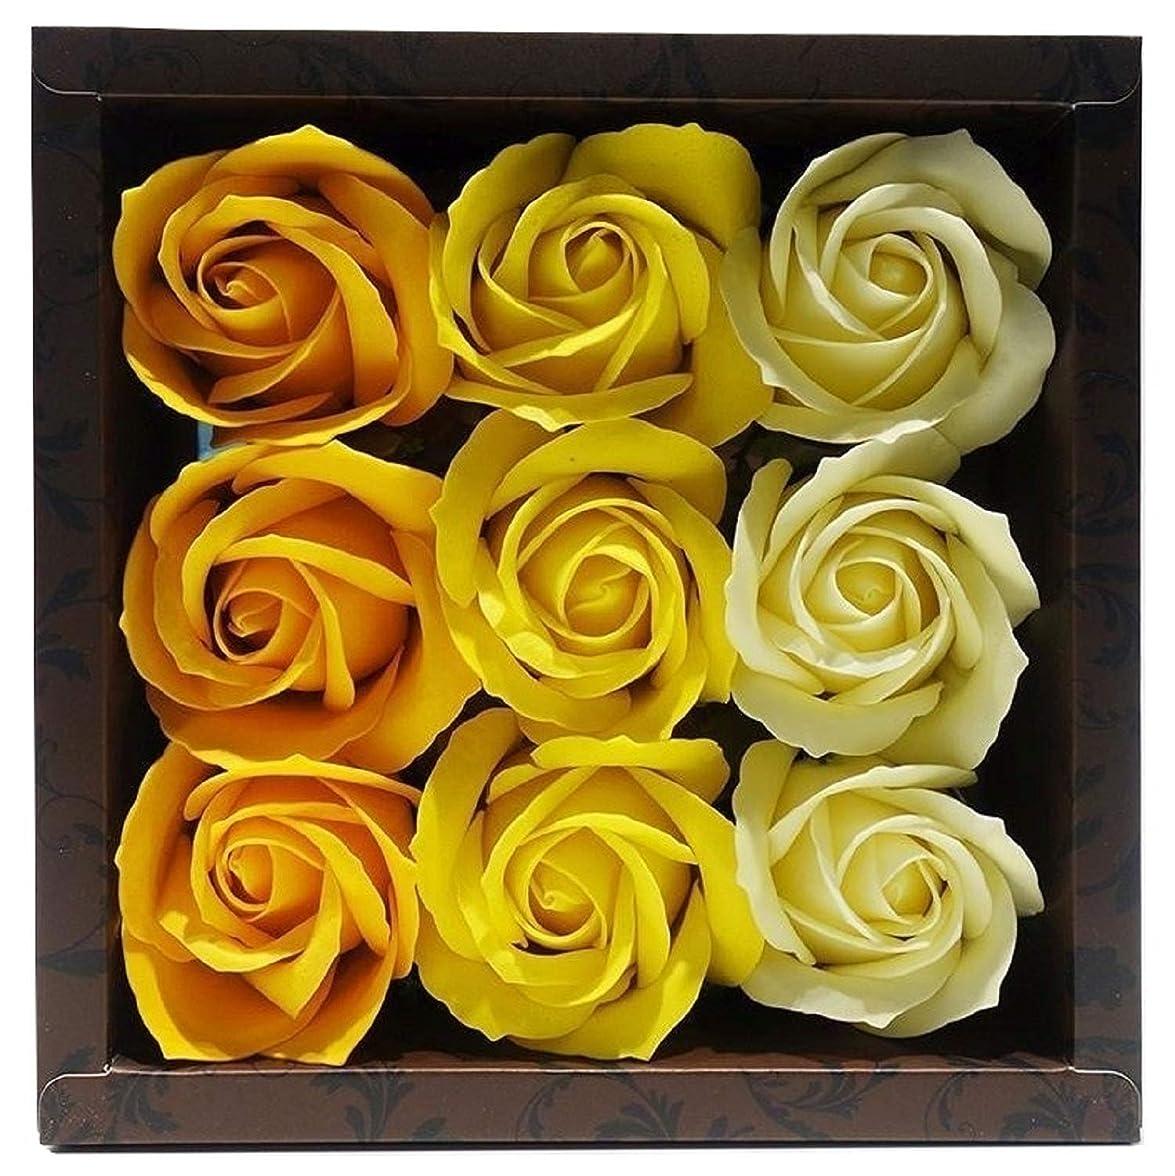 報いるメロディーサイレントバスフレグランス バスフラワー ローズフレグランス イエローカラー ギフト お花の形の入浴剤